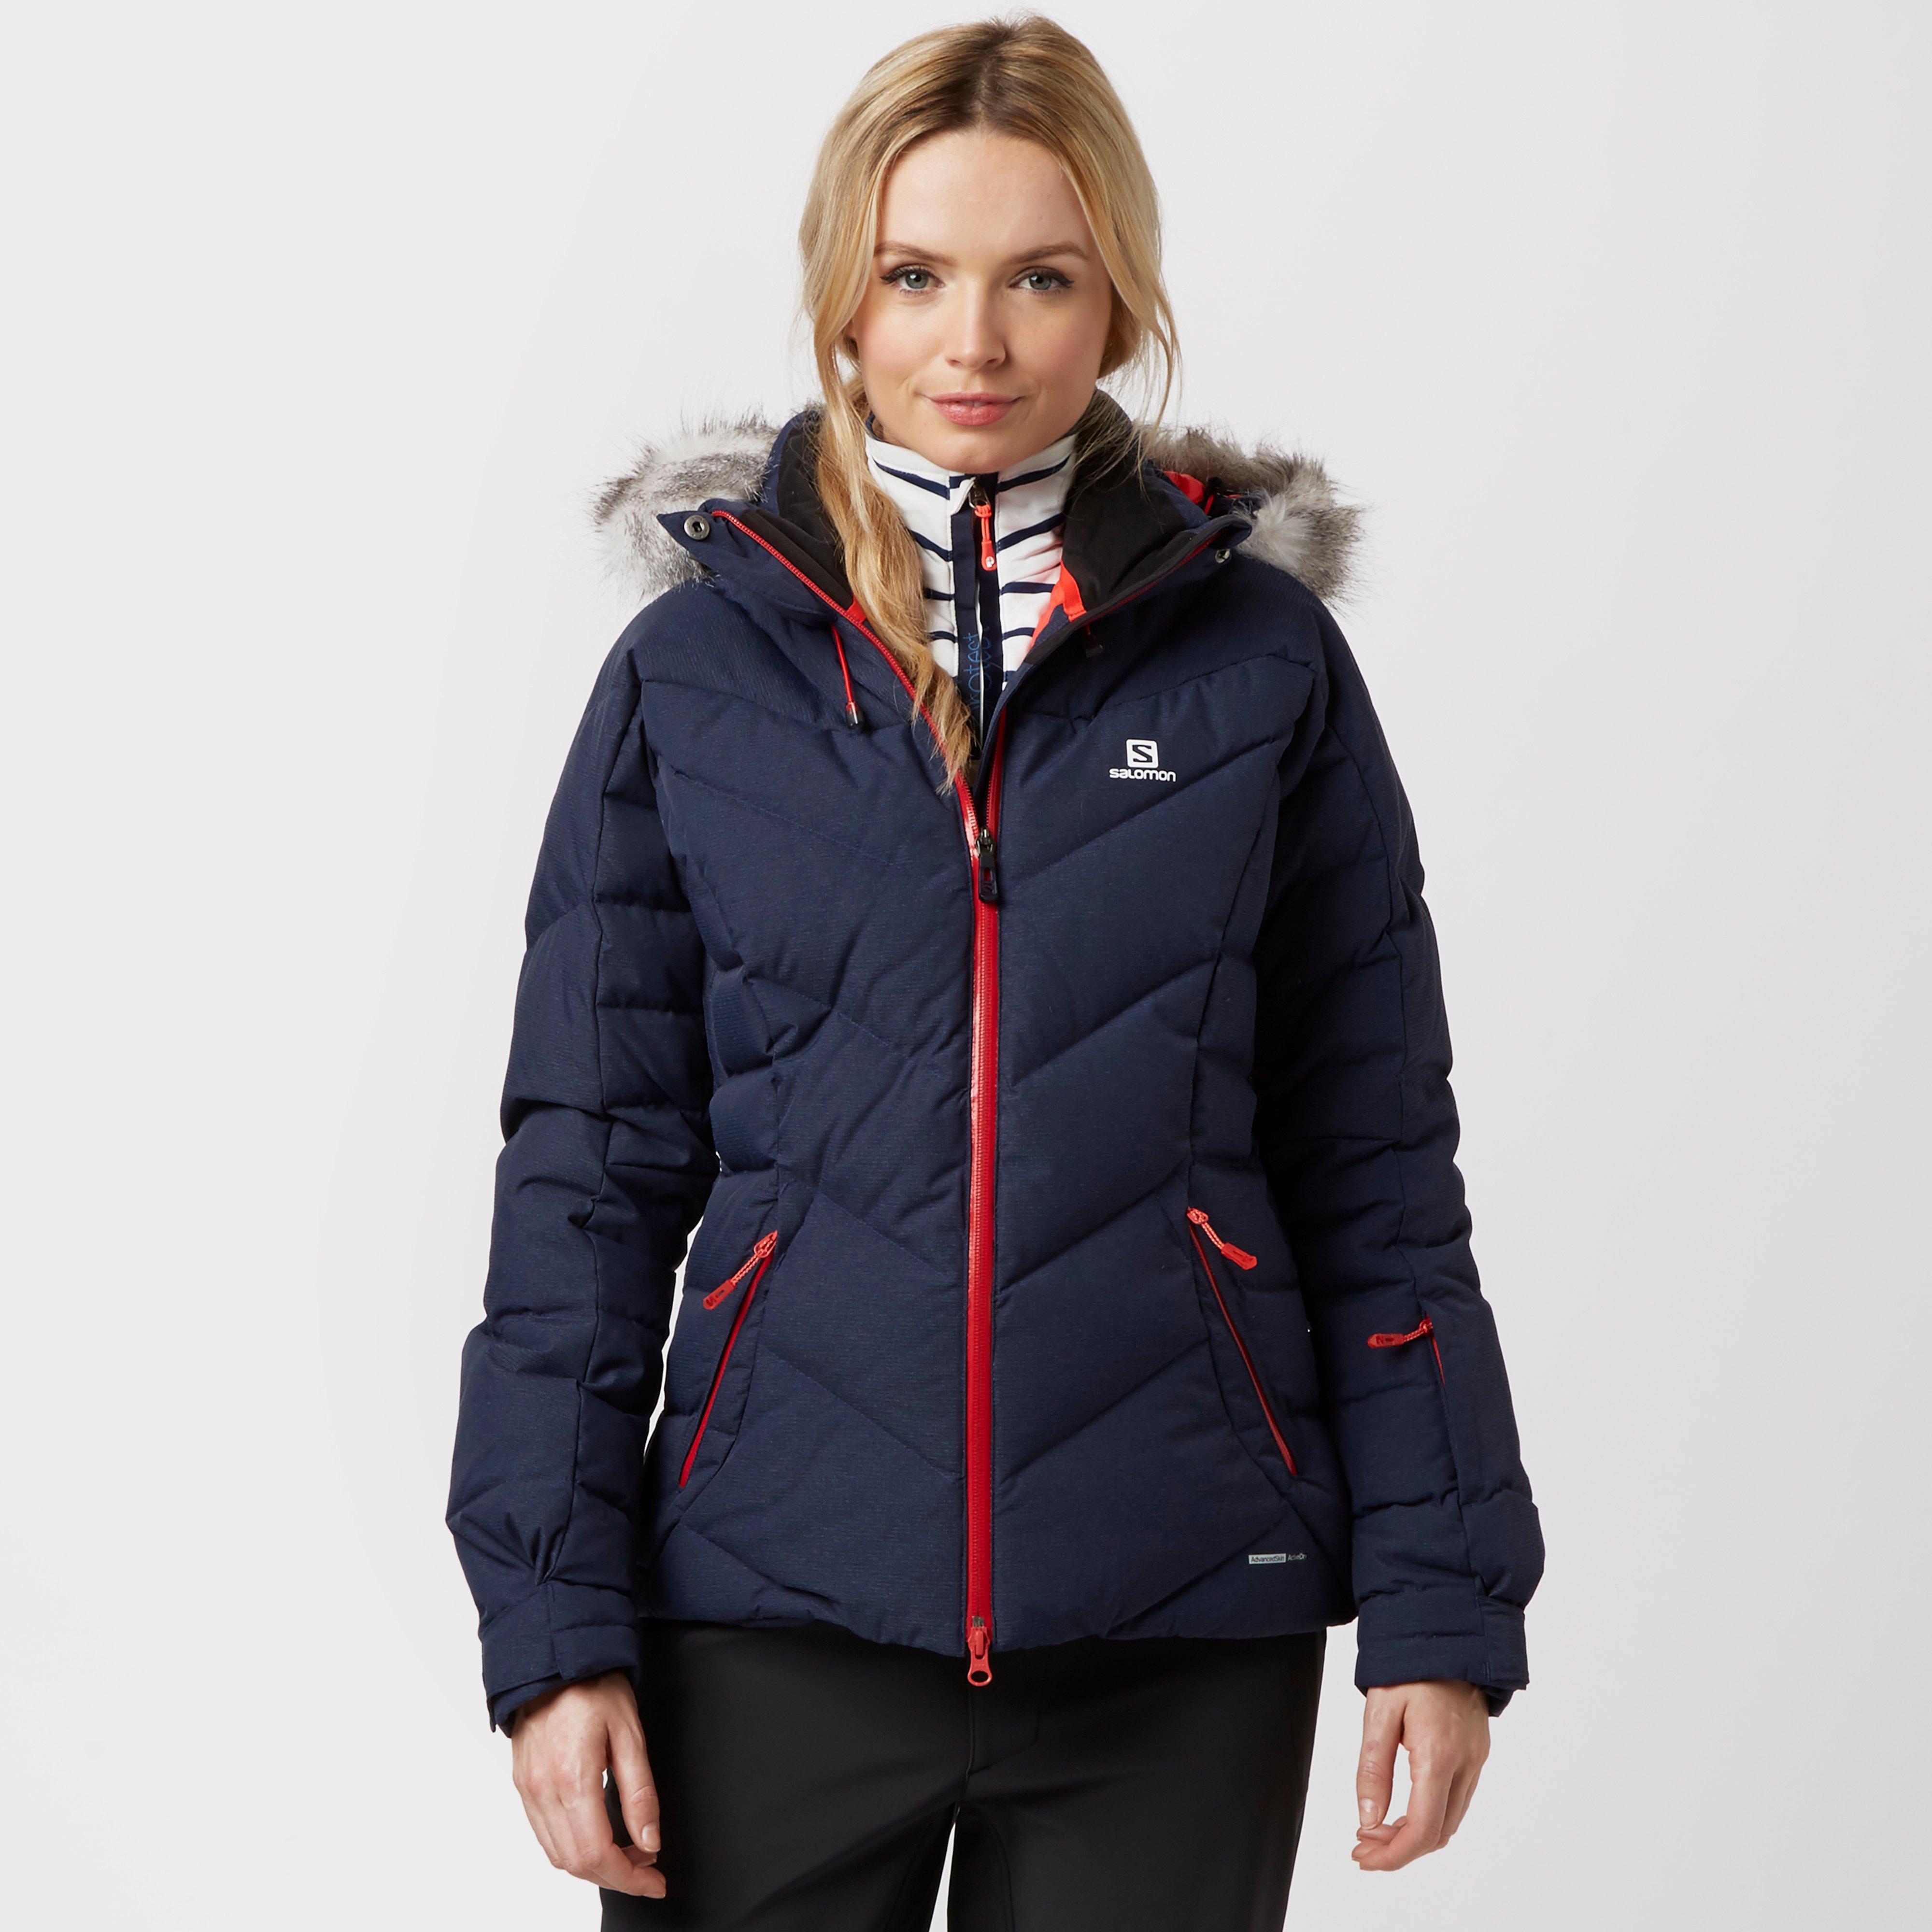 Salomon icetown ski jacket black